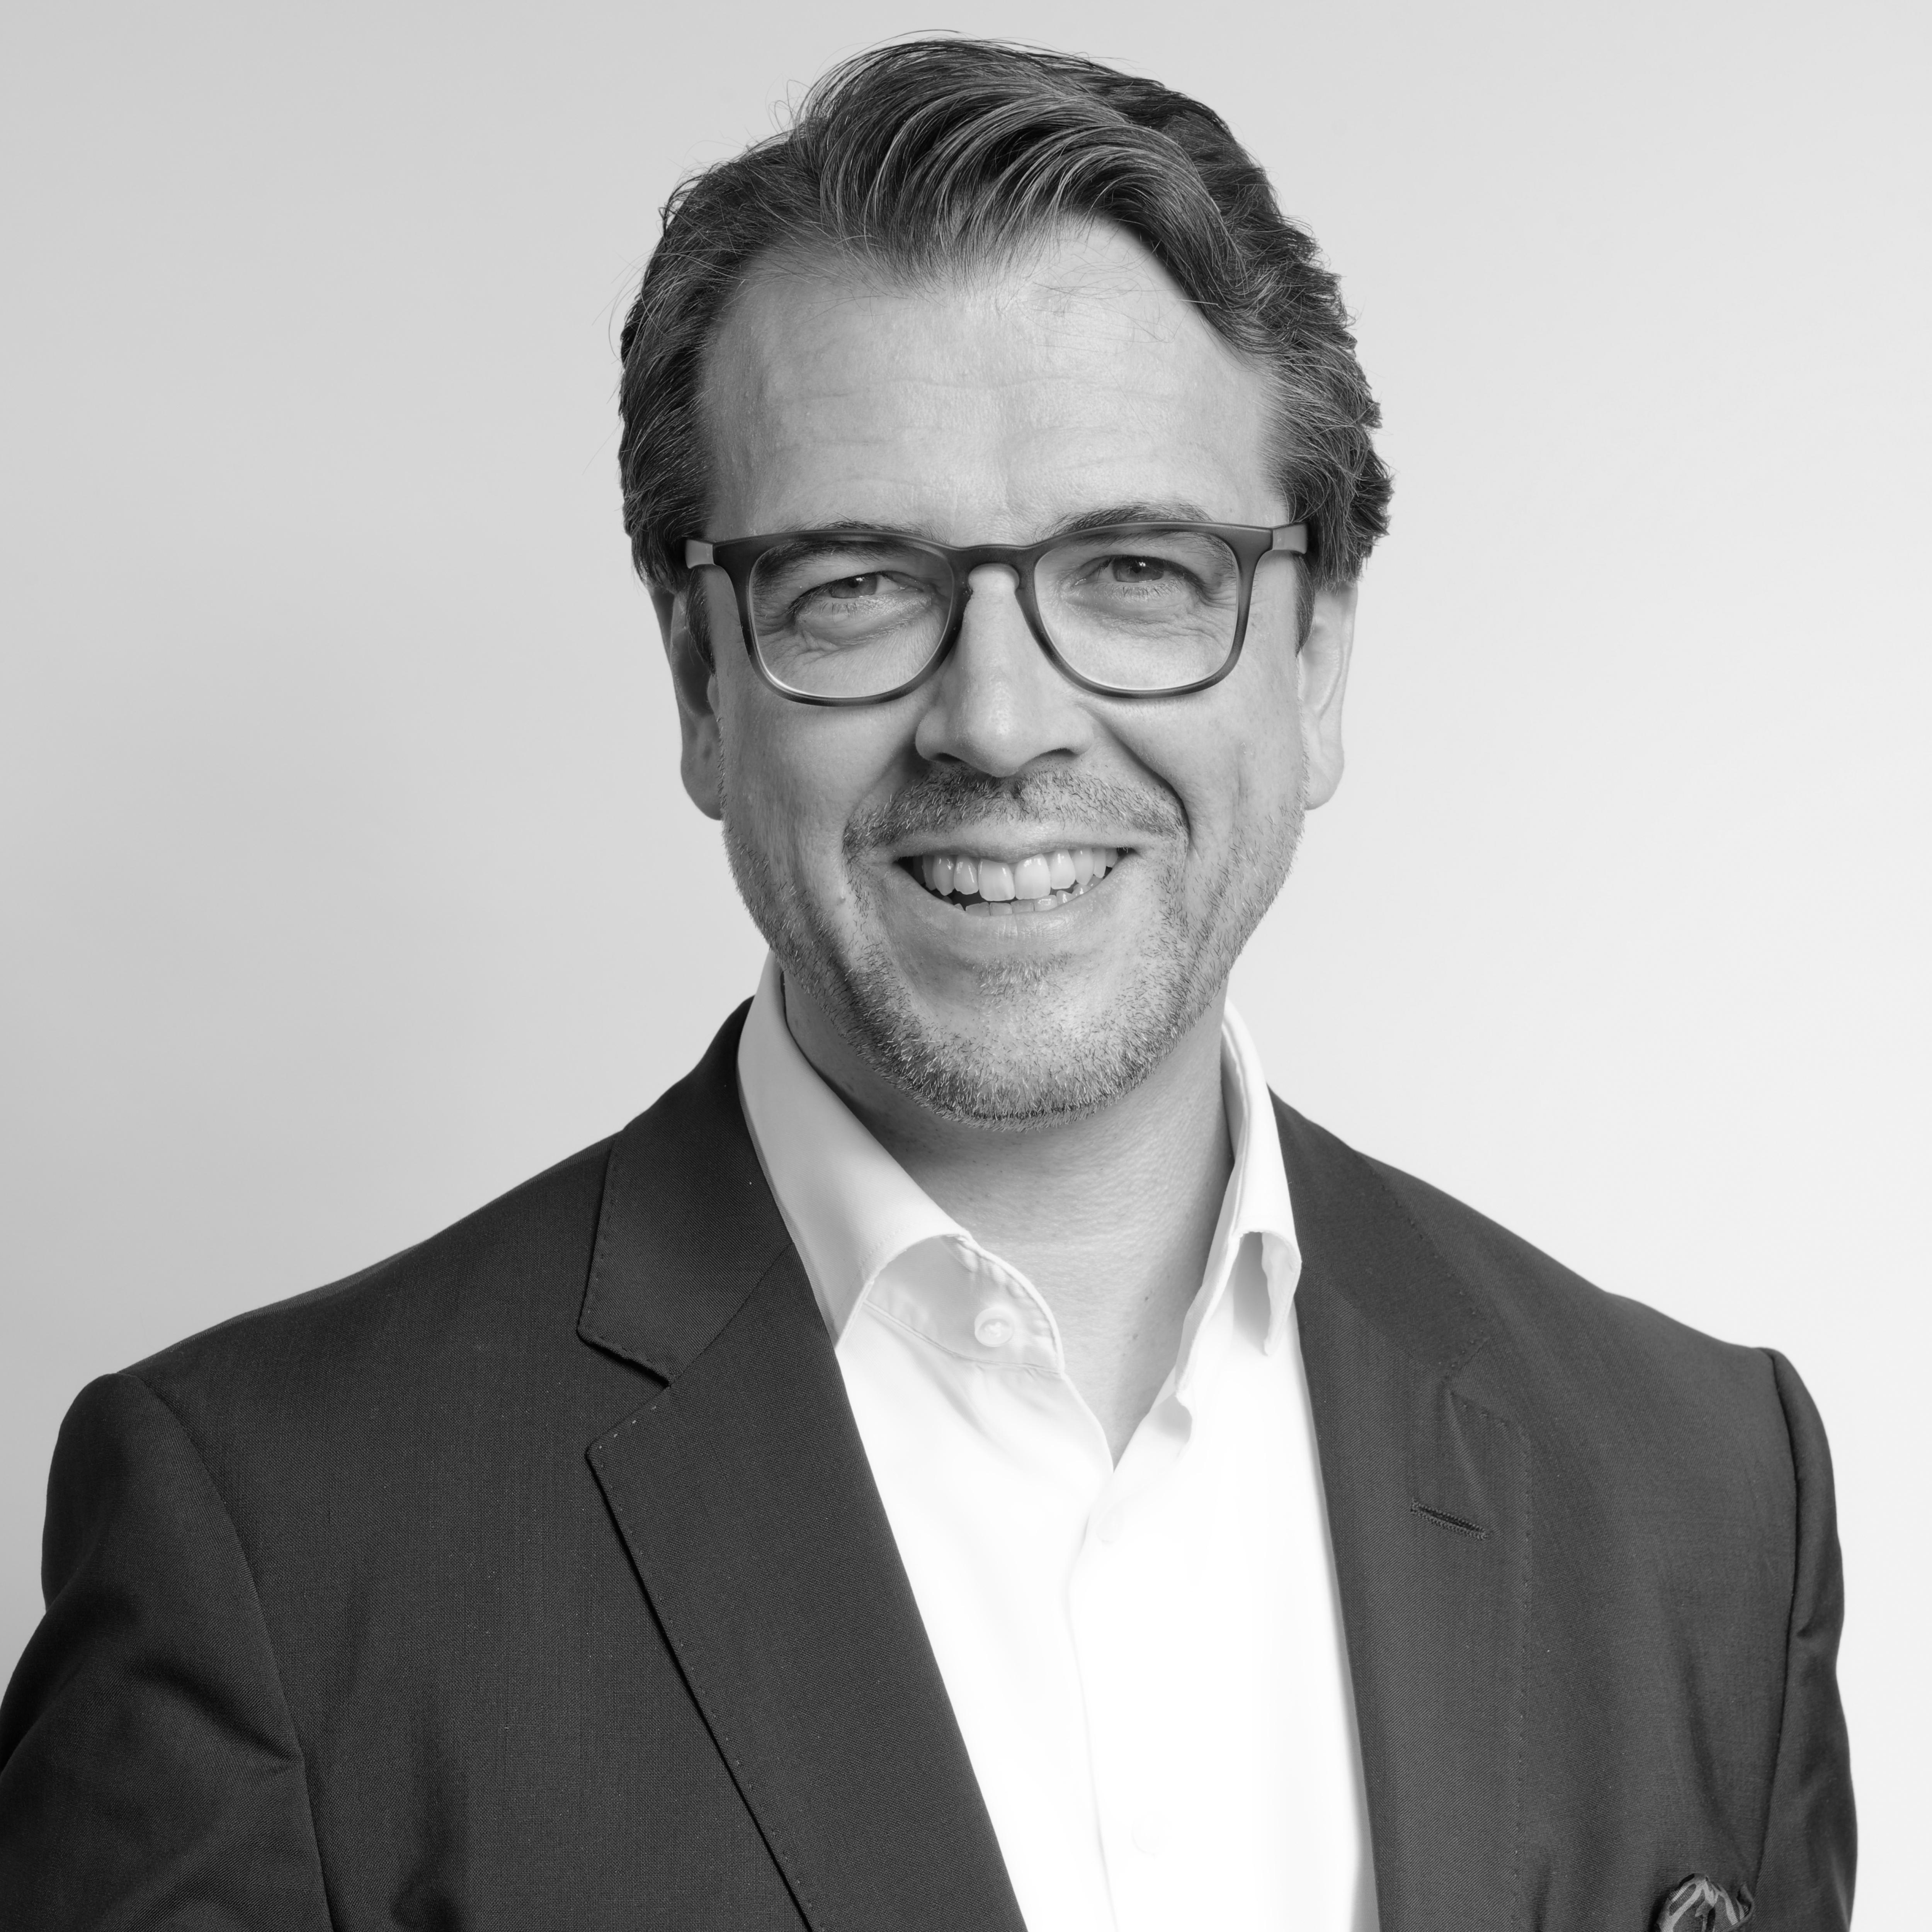 Christoph Noeres